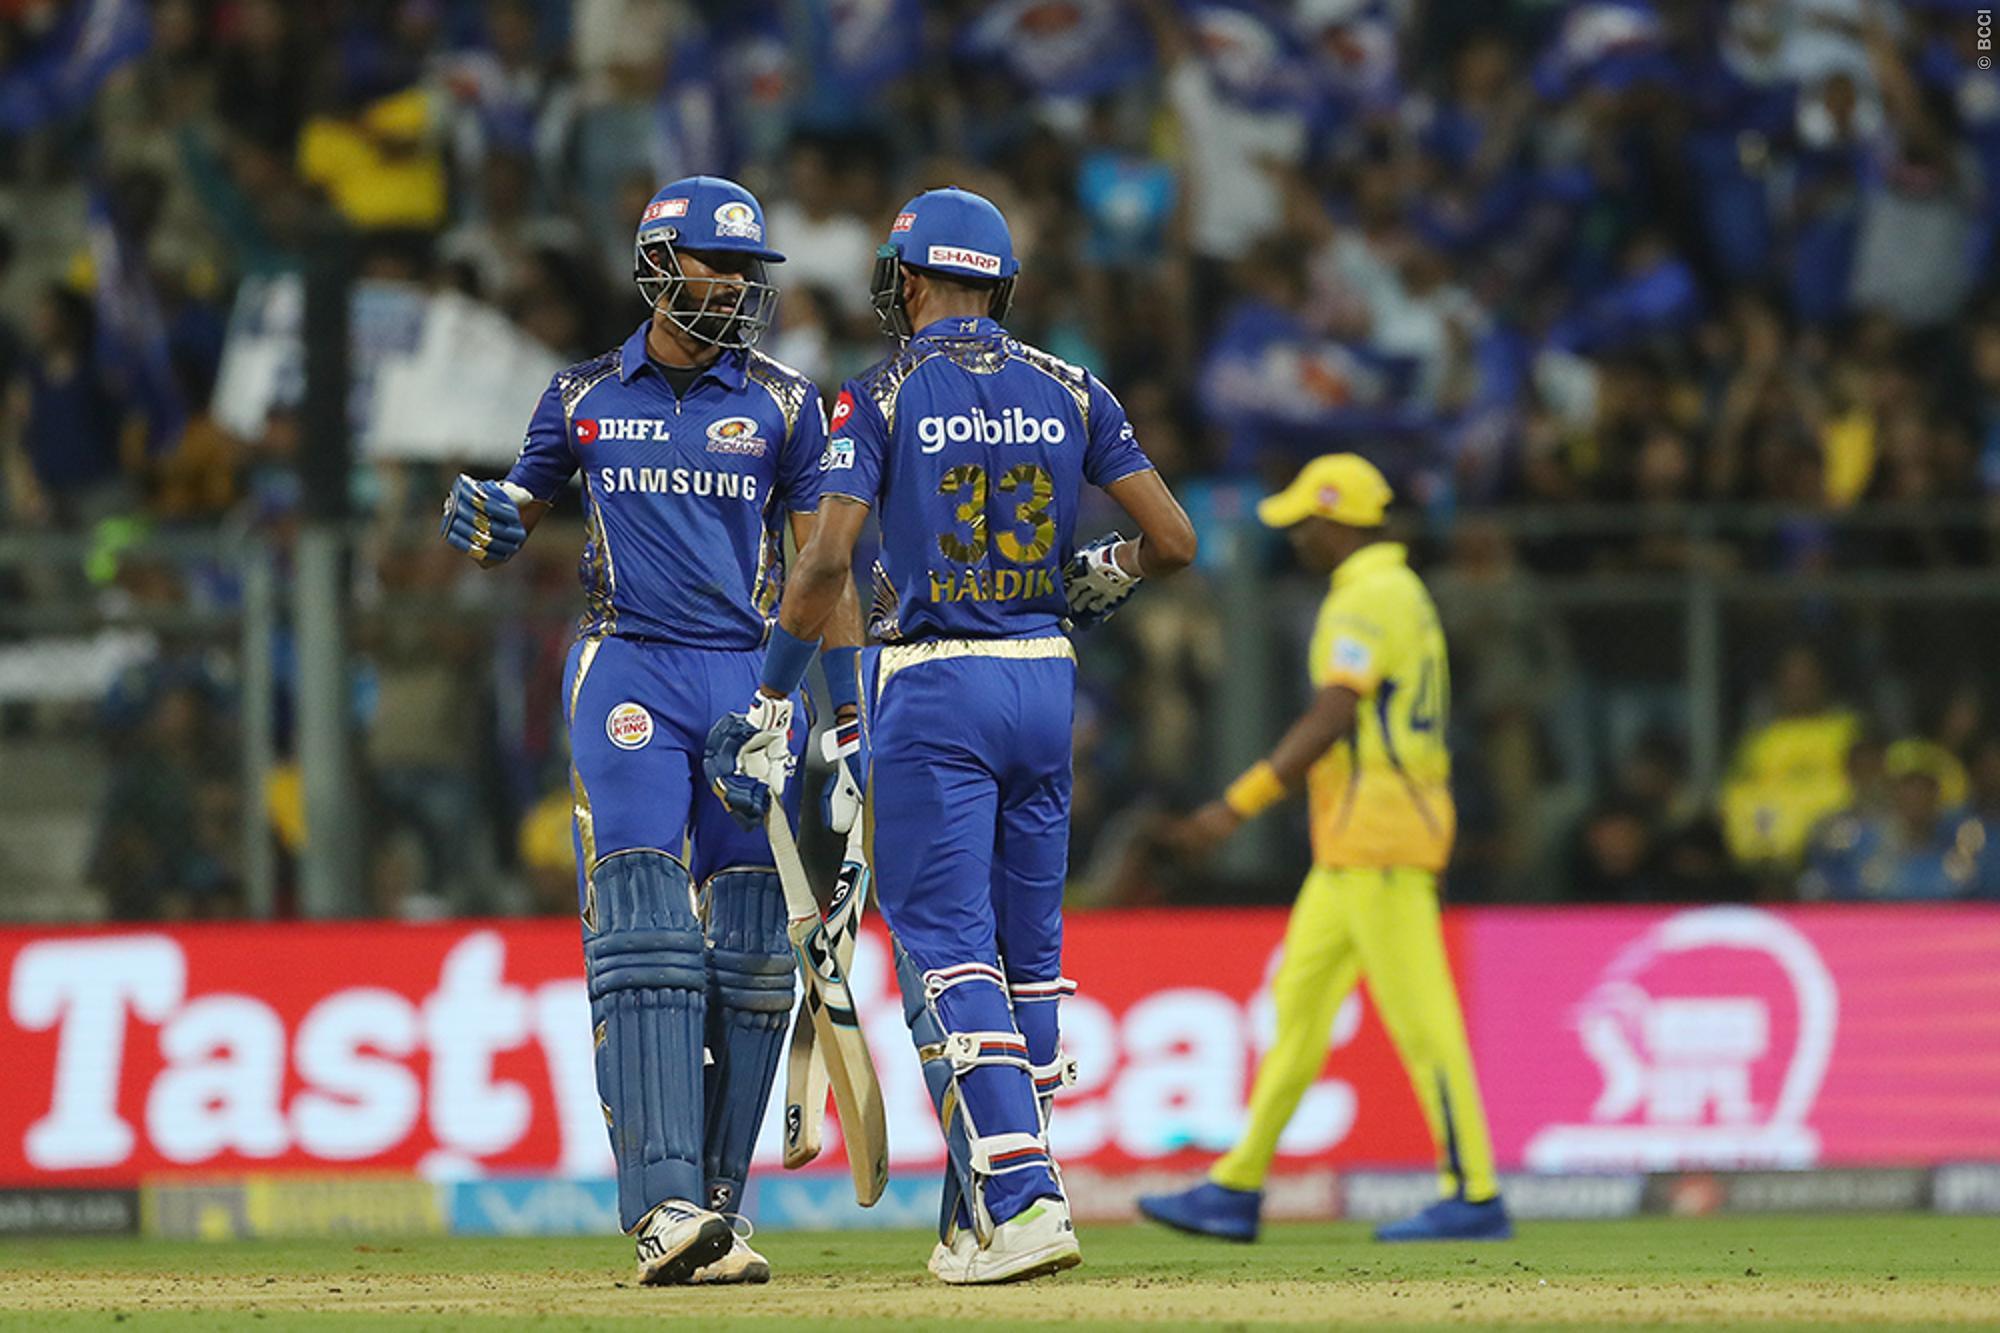 ट्विटर प्रतिक्रिया: रोमांचक मैच में मिली हार के बाद भी लोग हुए मुंबई इंडियंस के इस खिलाड़ी के दीवाने, तो सहवाग ने ब्रावो को खास अंदाज में दी जीत की बधाई 1